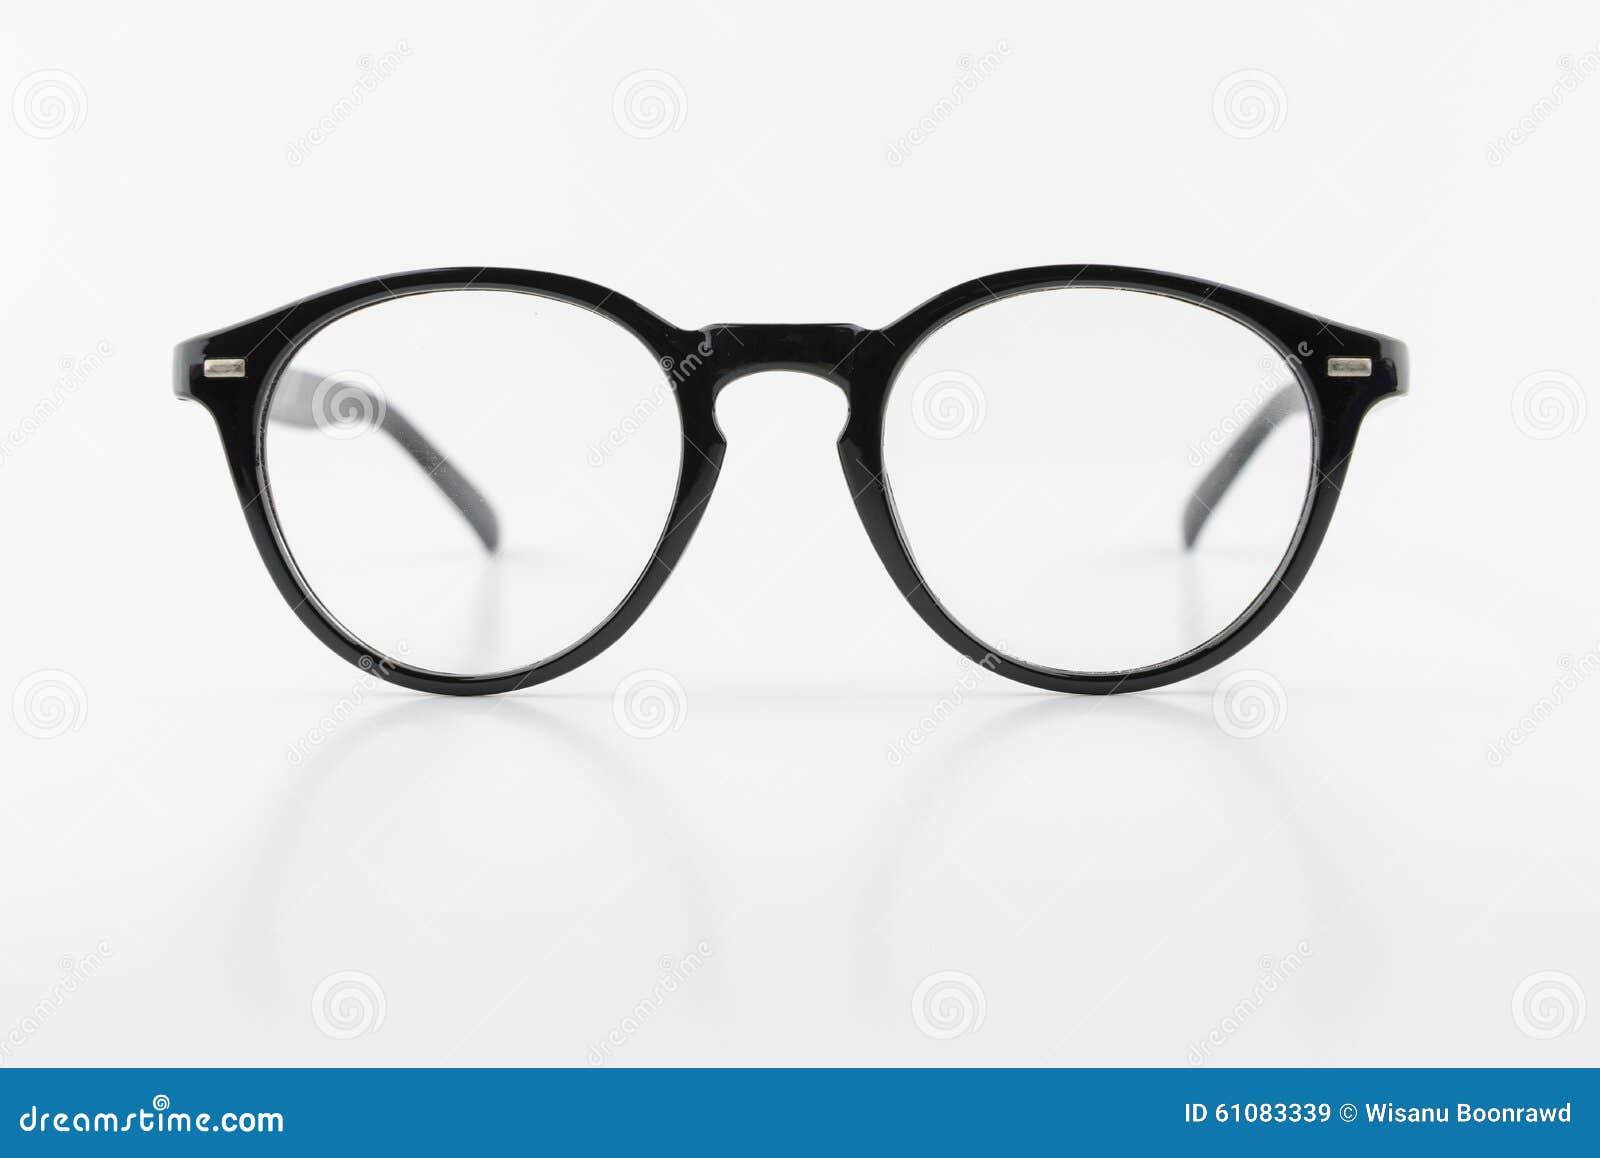 Black Round Shape Eyeglasses Vintage Style Isolated